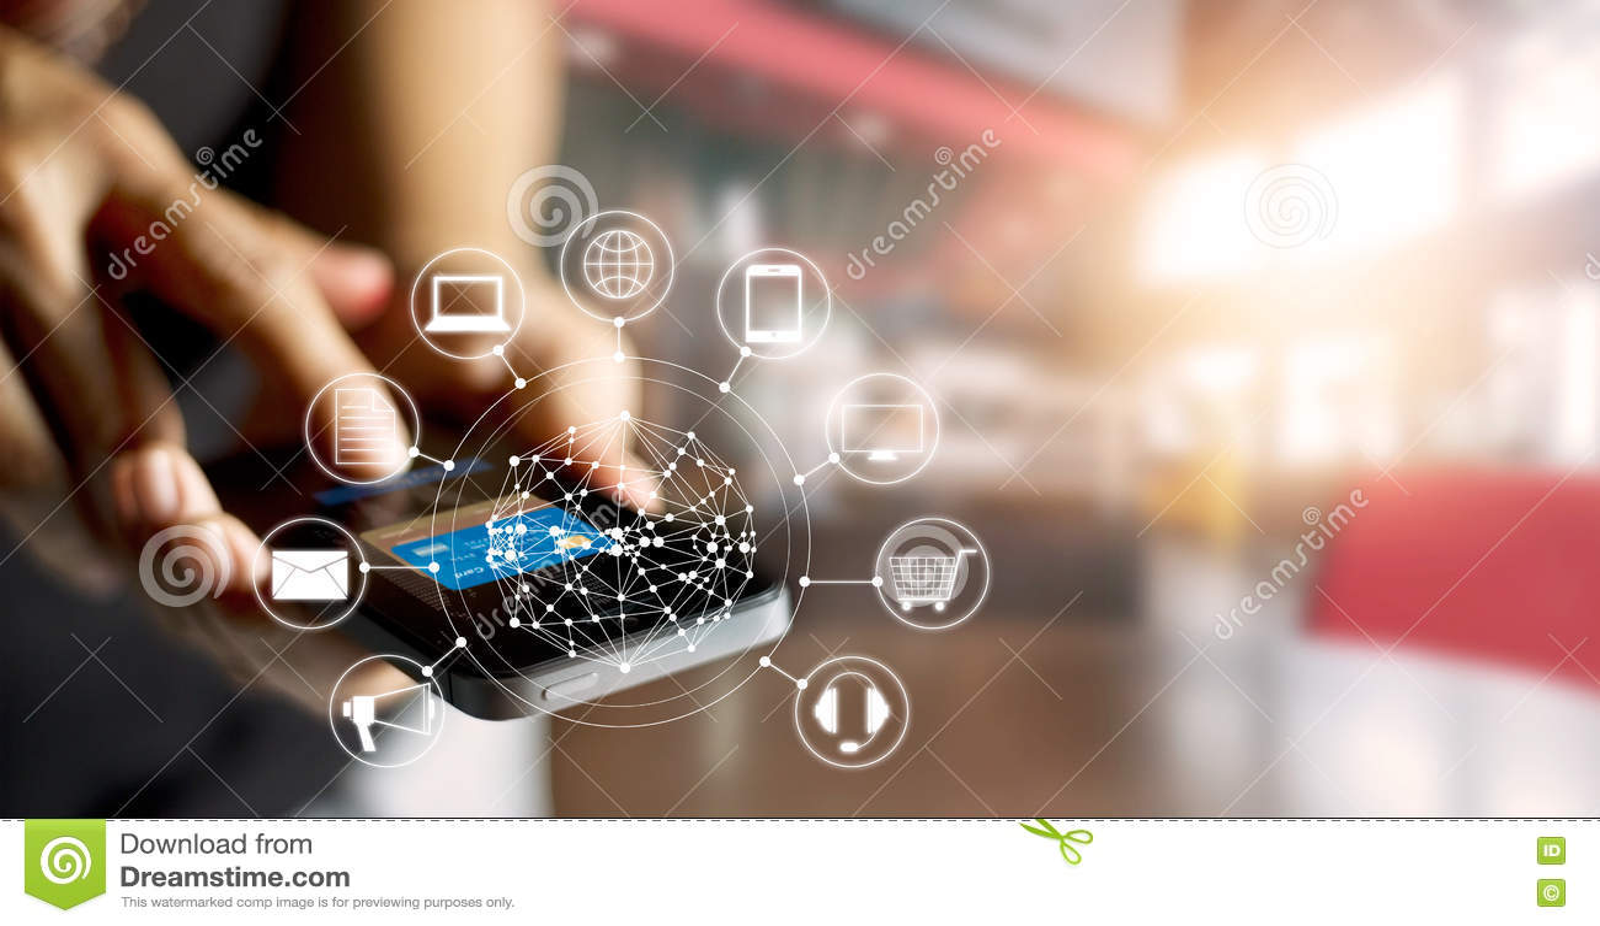 Человек используя покупки передвижных оплат онлайн и сетевое подключение клиента значка на экране